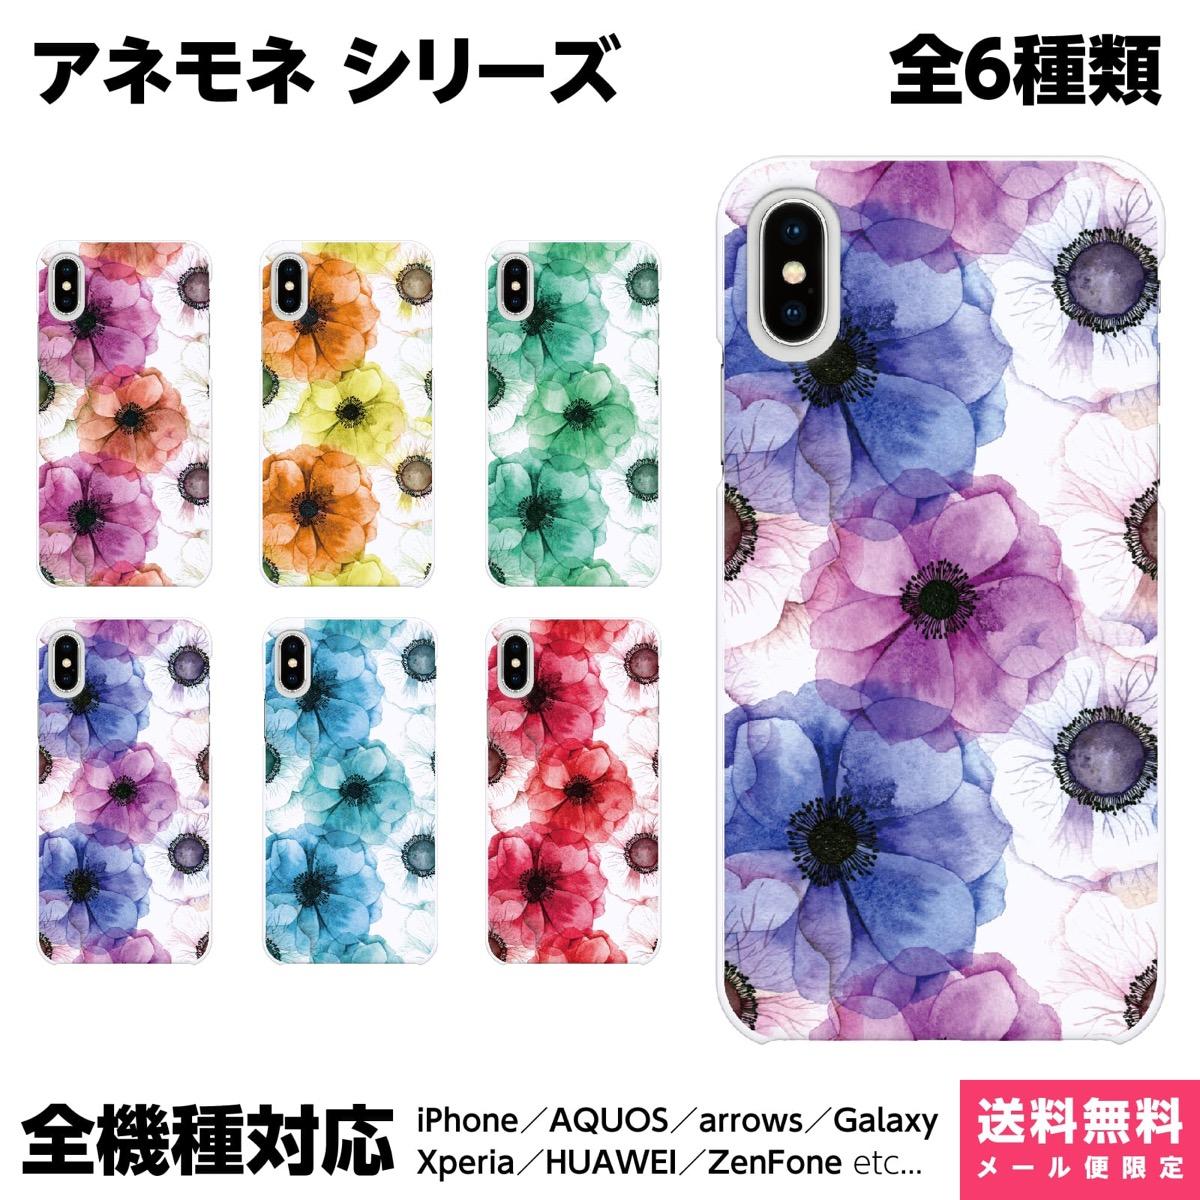 388fb726bc 【iPhone7PLUS/iPhone7/iPhone6PLUS/iPhone6/iPhone5S/iPhone5C/iPhone5対応】